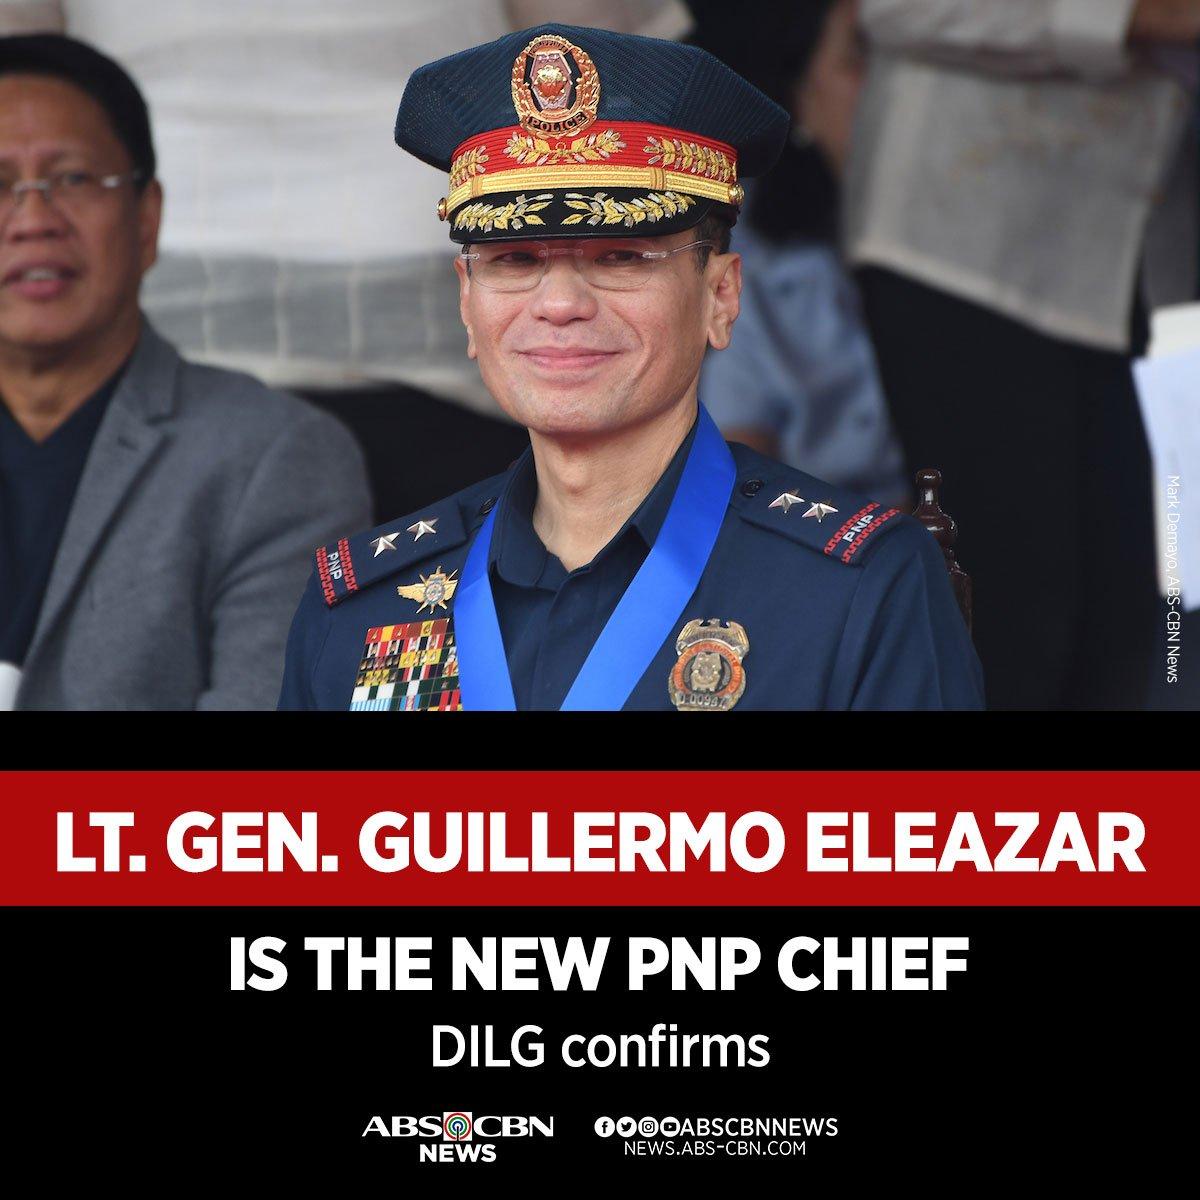 Si PNP Chief Guillermo Eleazar, ang bagong PNP Chief ng Pilipinas at ika-anim na PNP Chief sa ilalim ng administrasyong Duterte.